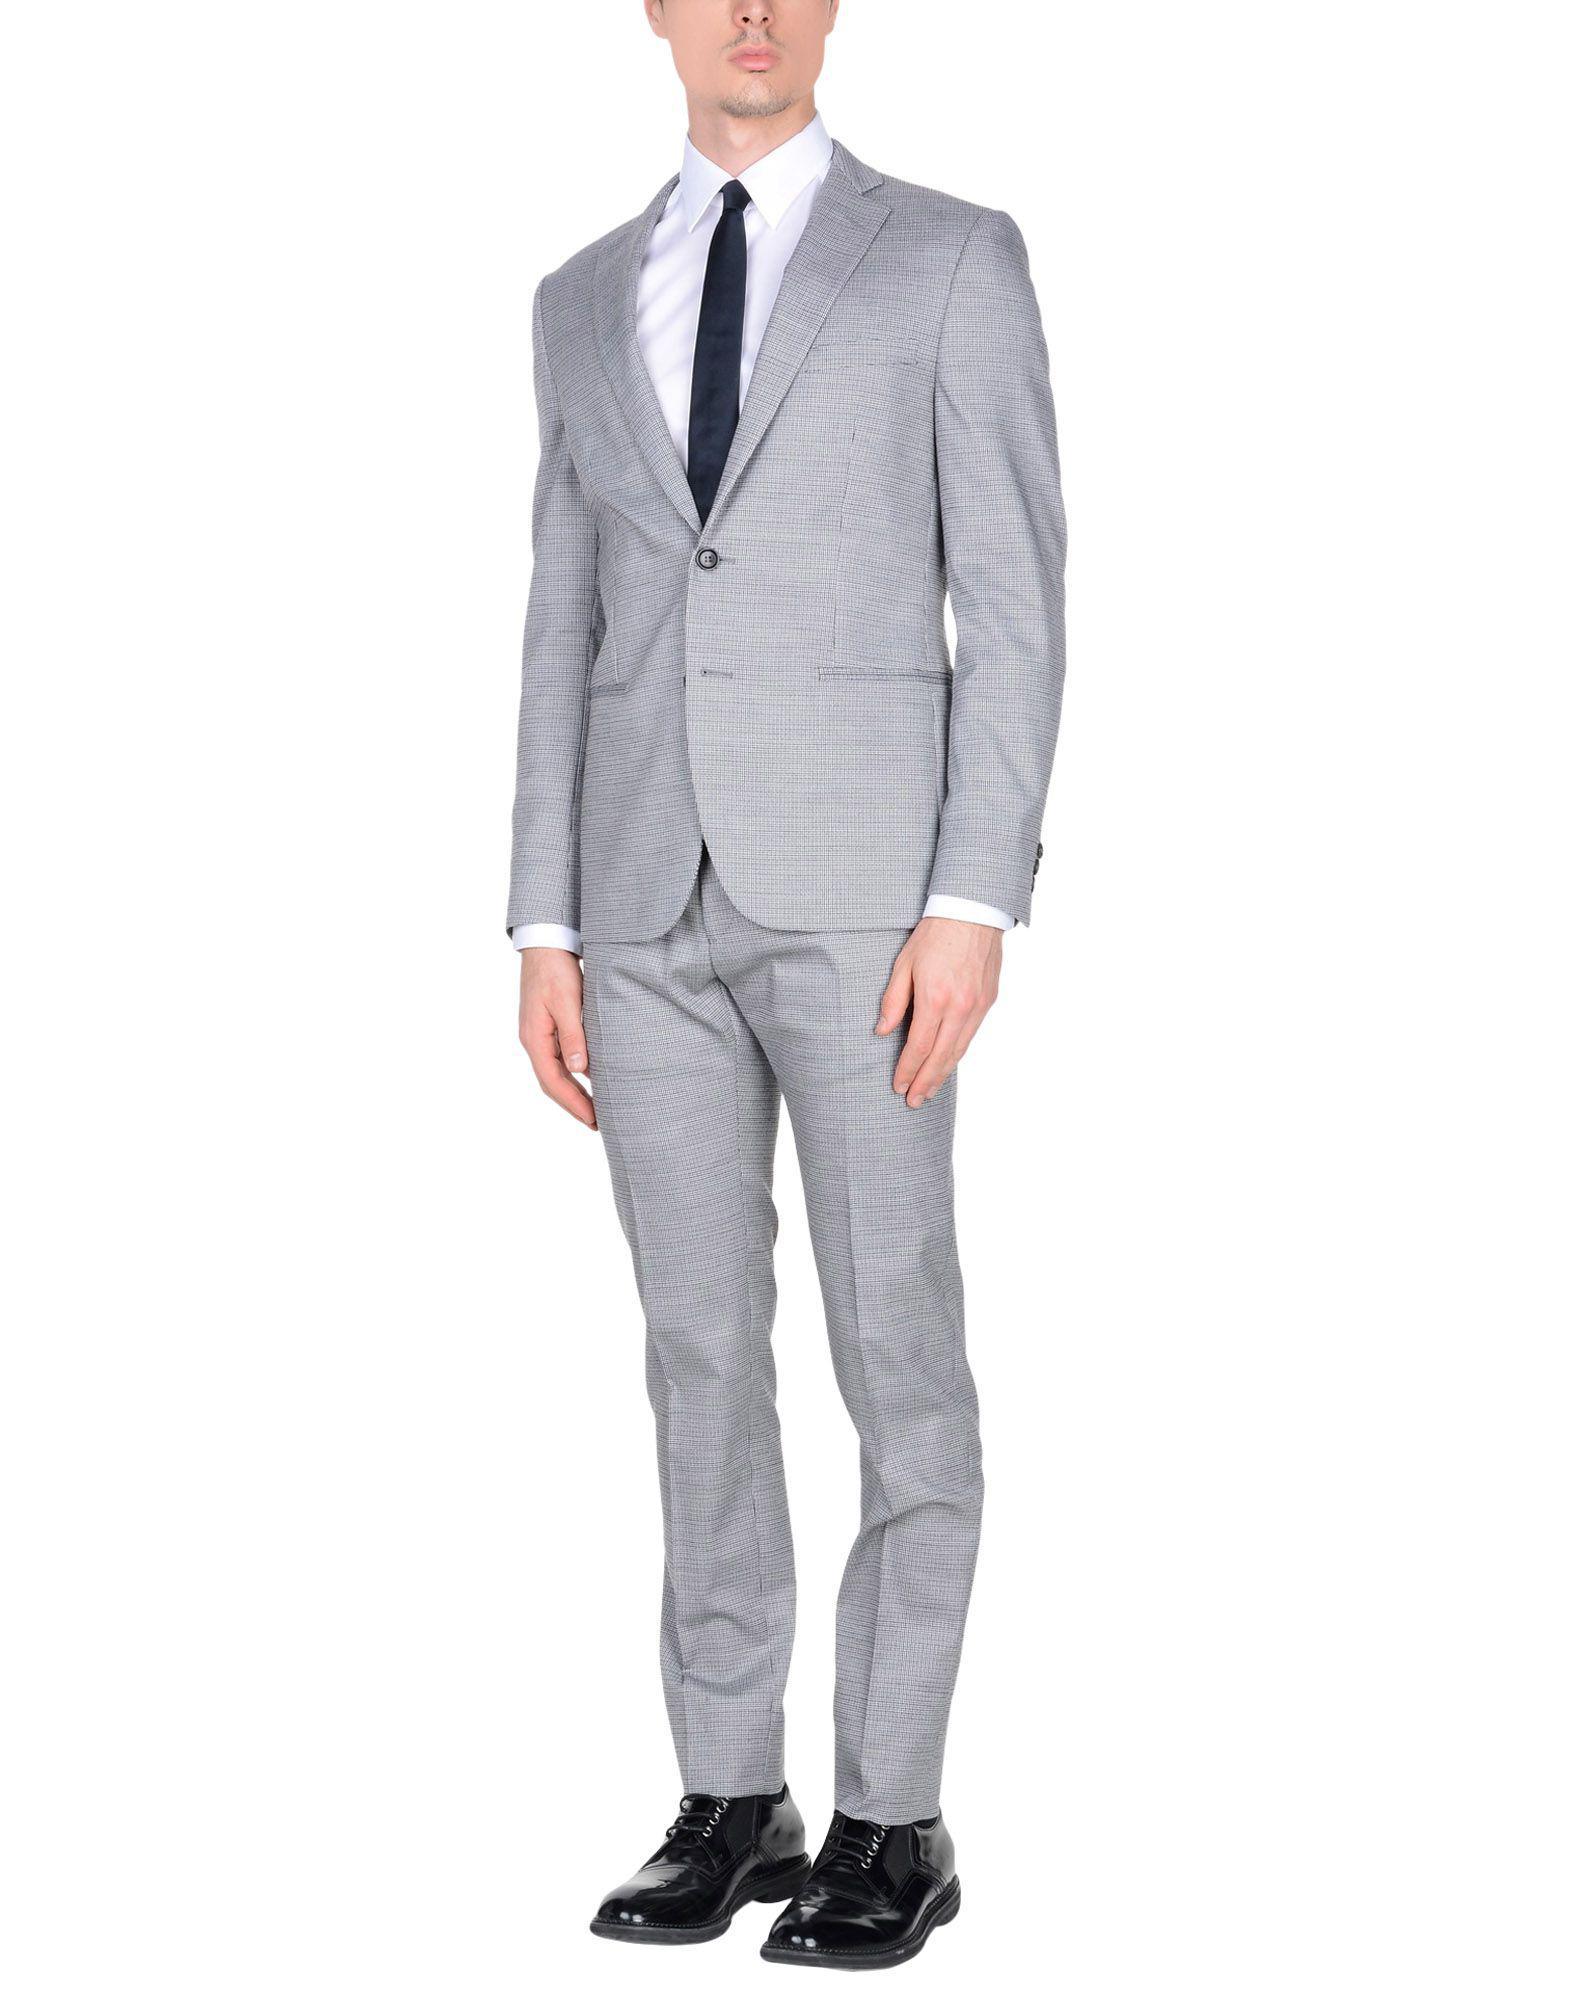 919548da05ac Lyst - Costume Tonello pour homme en coloris Gris